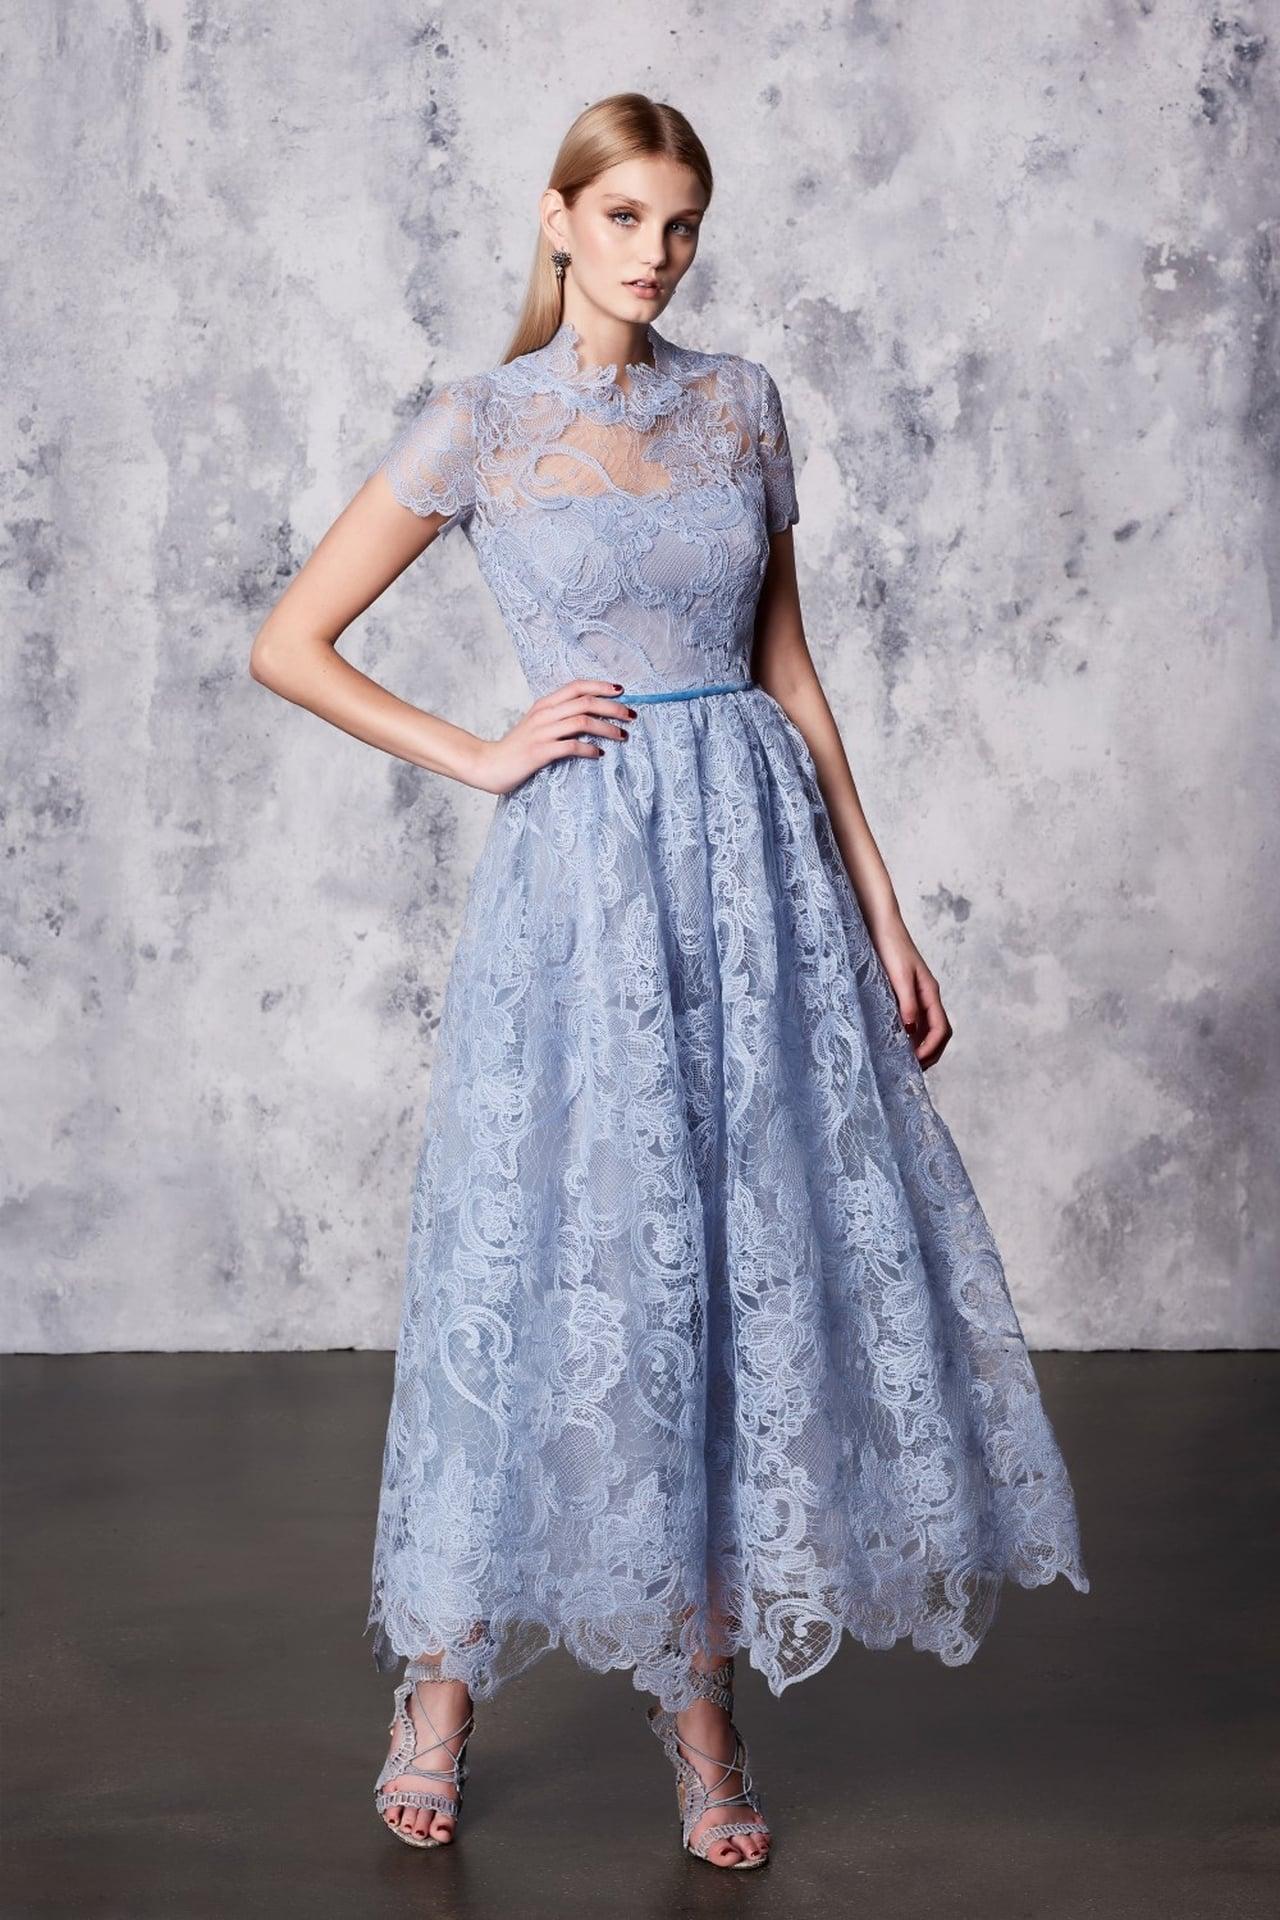 بالصور فساتين دانتيل , تالقى بجمال فستانك 1275 8